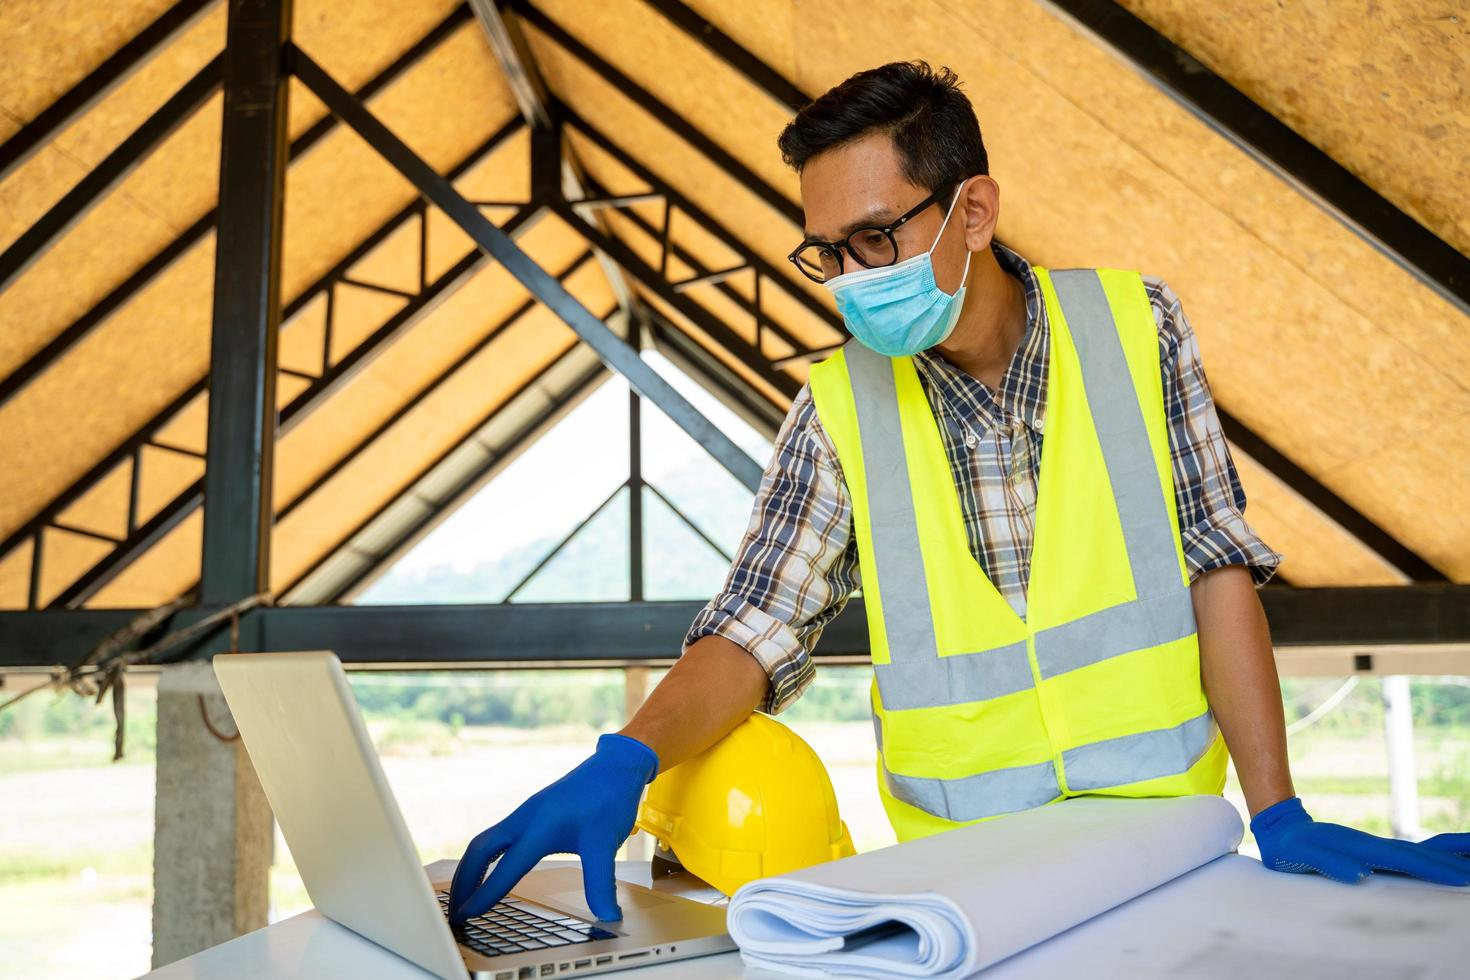 trabajador de la construcción con máscara protectora en el sitio de construcción foto